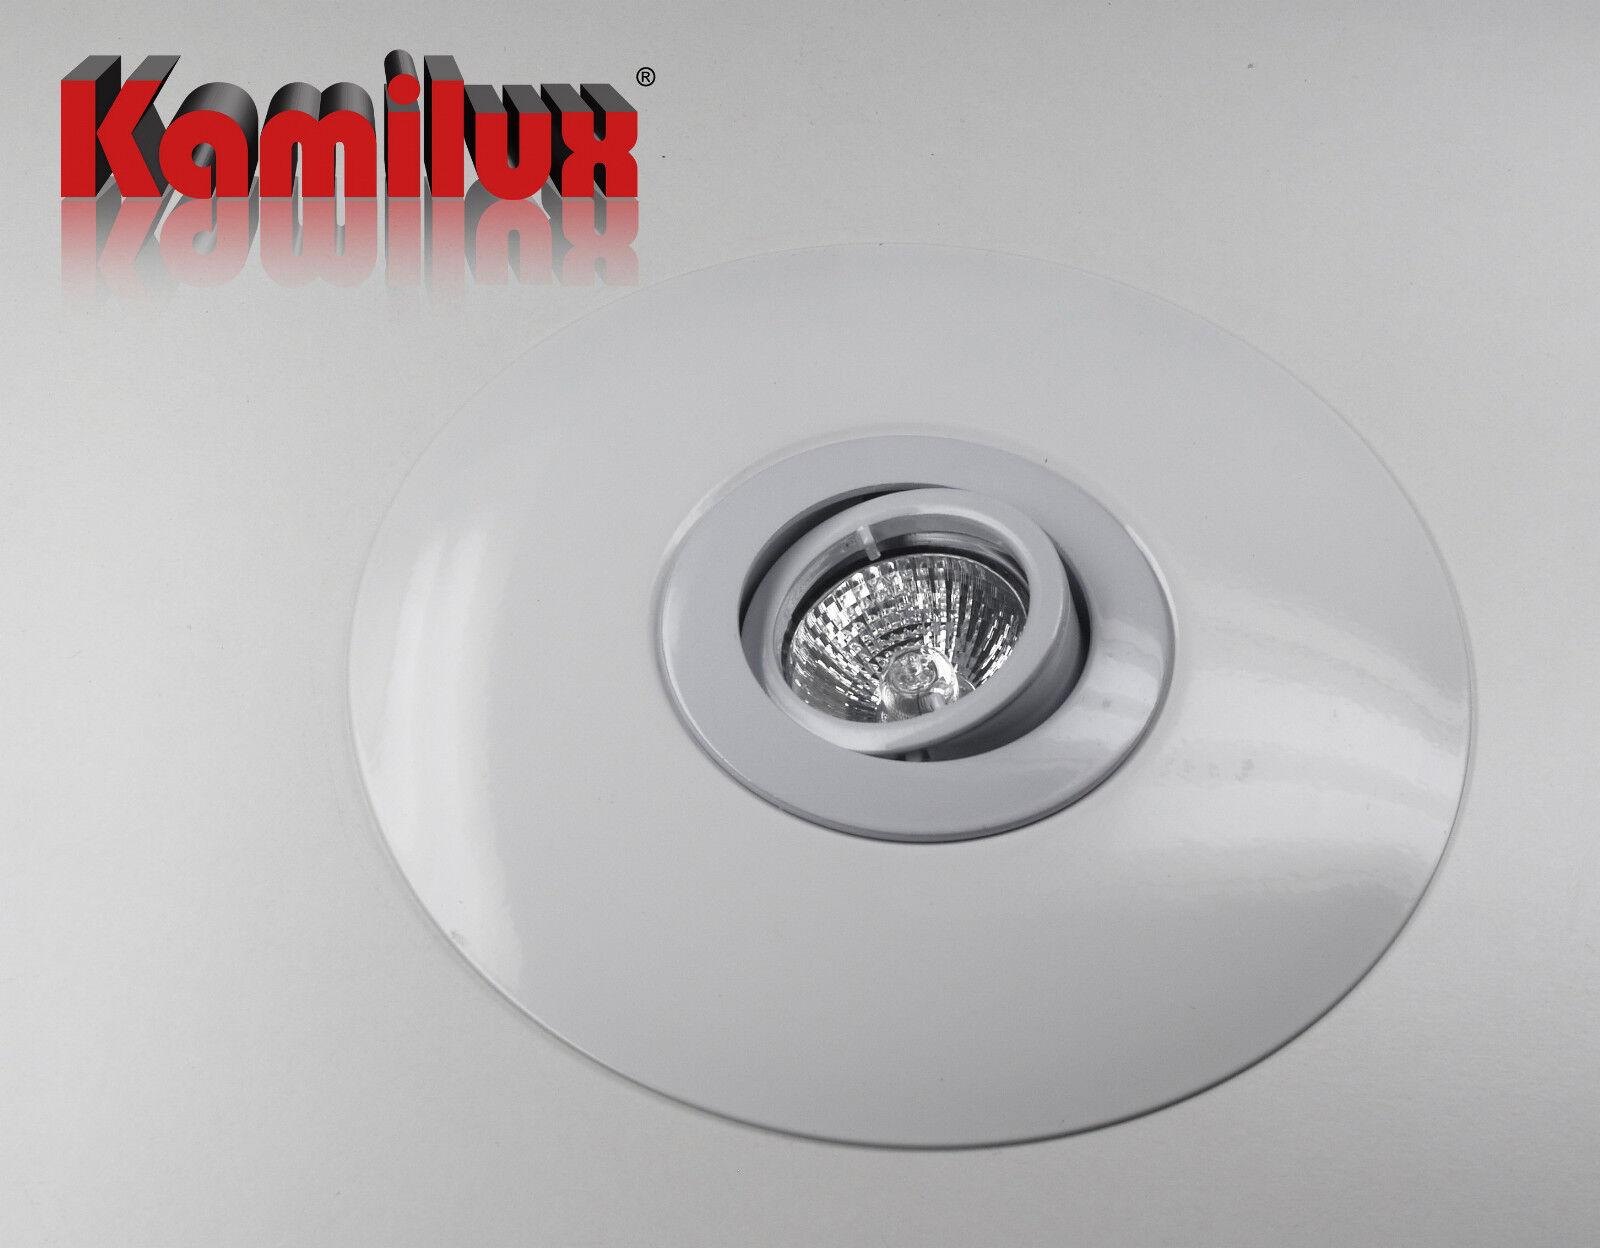 1-100er Sets grosse Einbauleuchten Downlights HV - 170mm Lochmass GU10 Lampen | Qualitätsprodukte  | Flagship-Store  | ein guter Ruf in der Welt